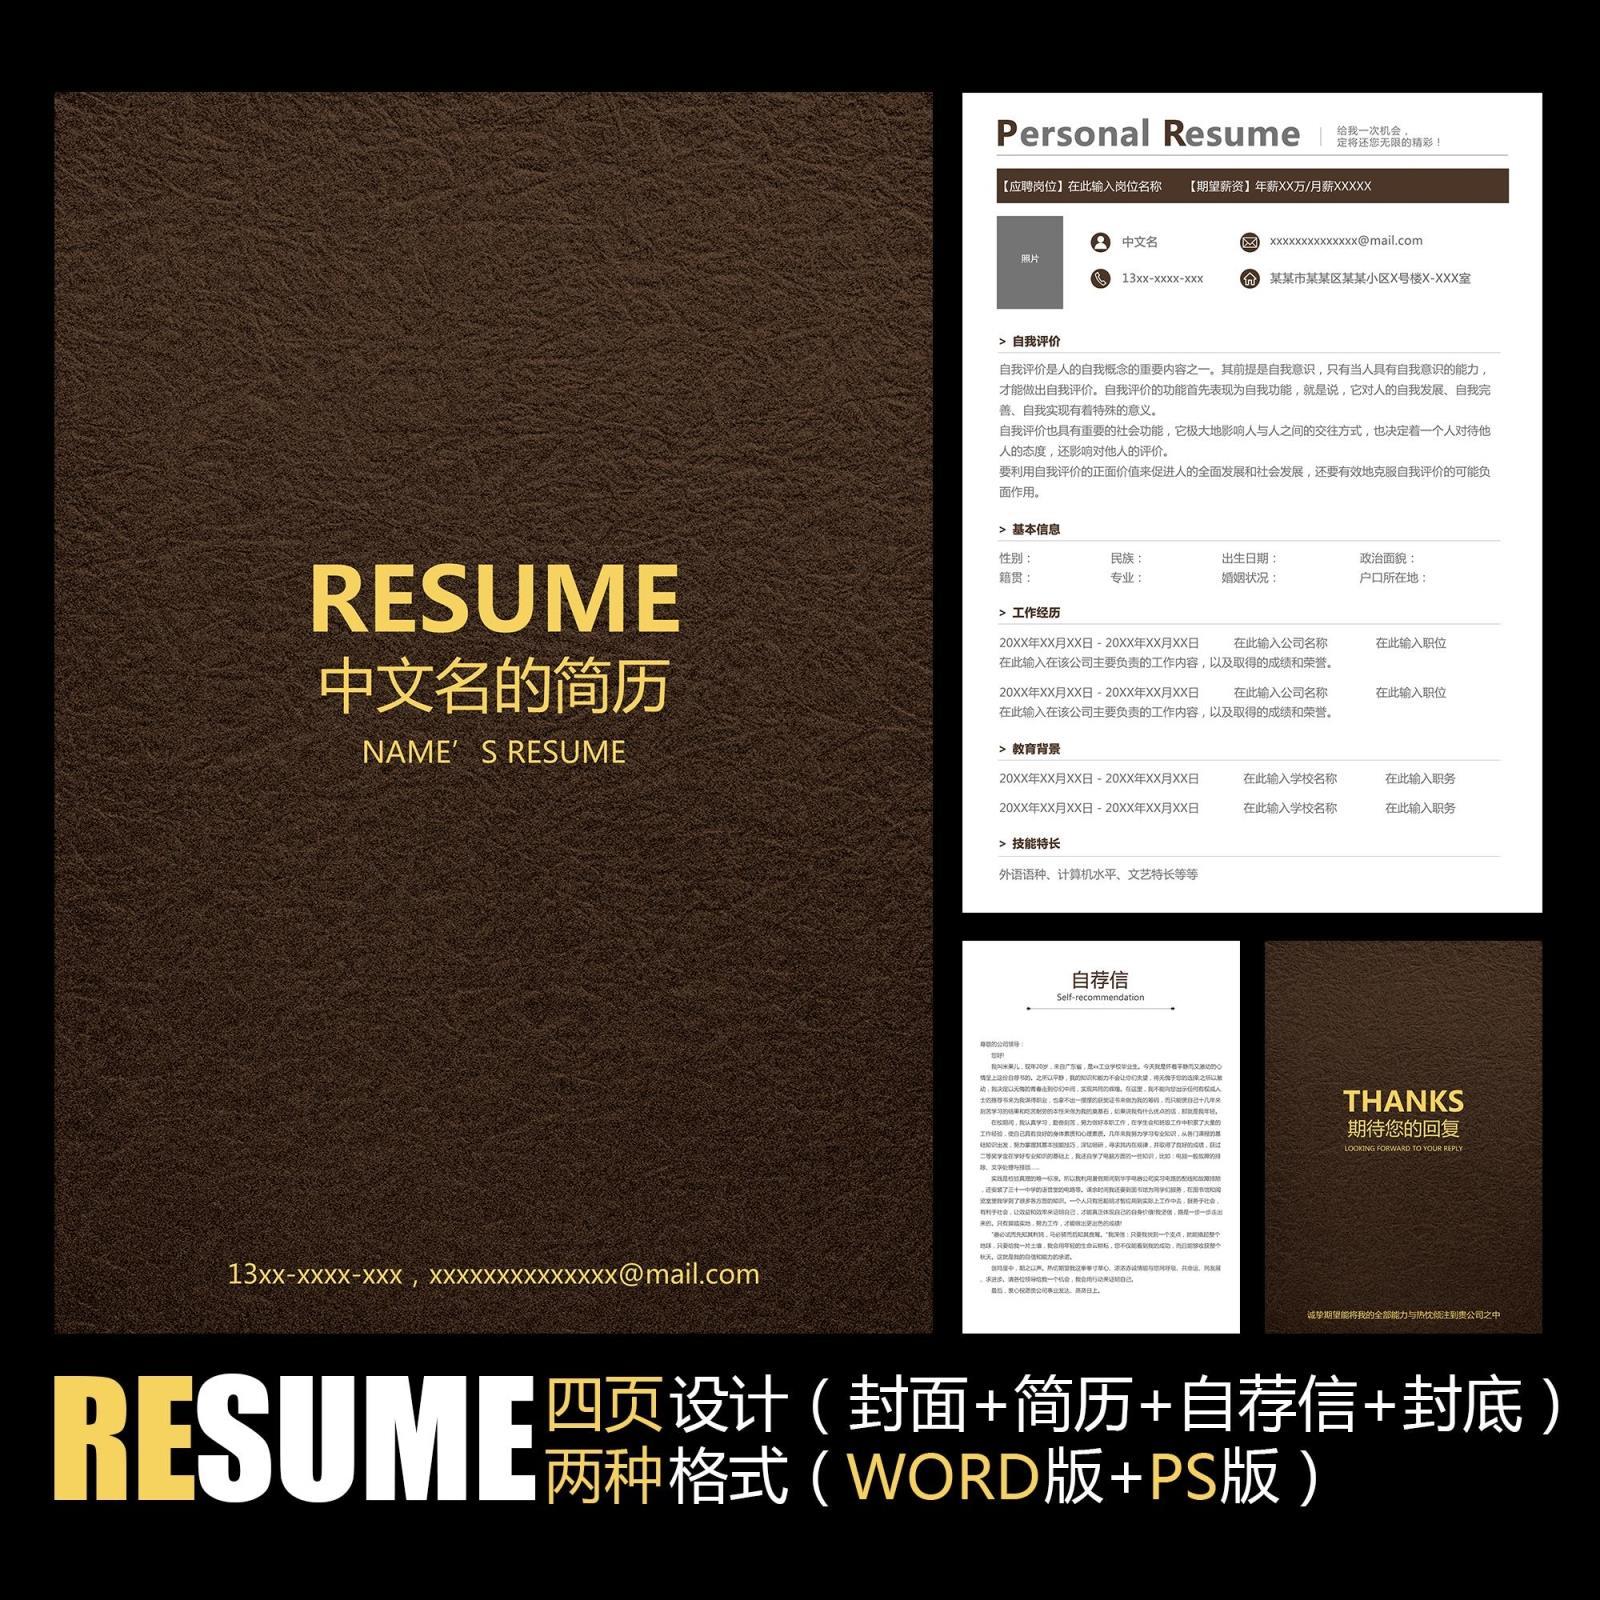 【WORD+PSD】尊贵大气简约欧美复古风格面试求职应聘通用简历模板